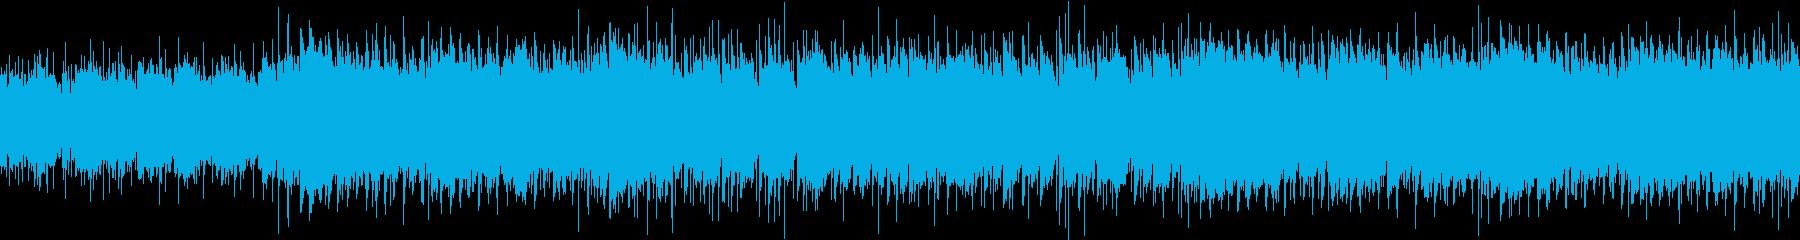 陽気で力強いレトロなブルースの再生済みの波形